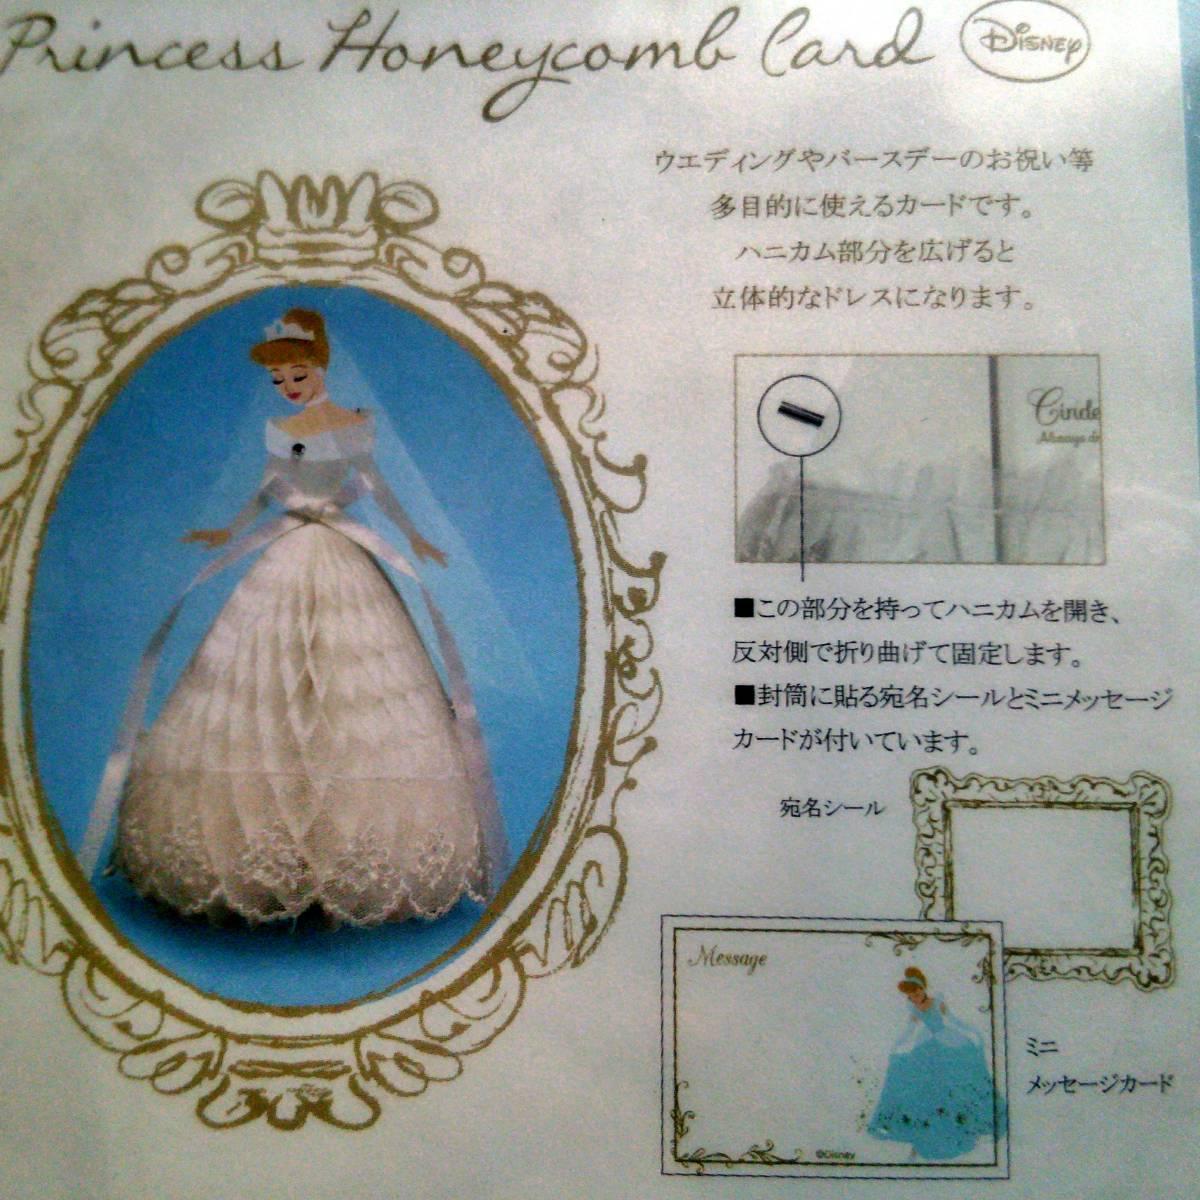 新品 プリンセス 結婚式 バースデイ 立体カード ハニカム多目的カード&ミニカード レース付き シンデレラ _画像6